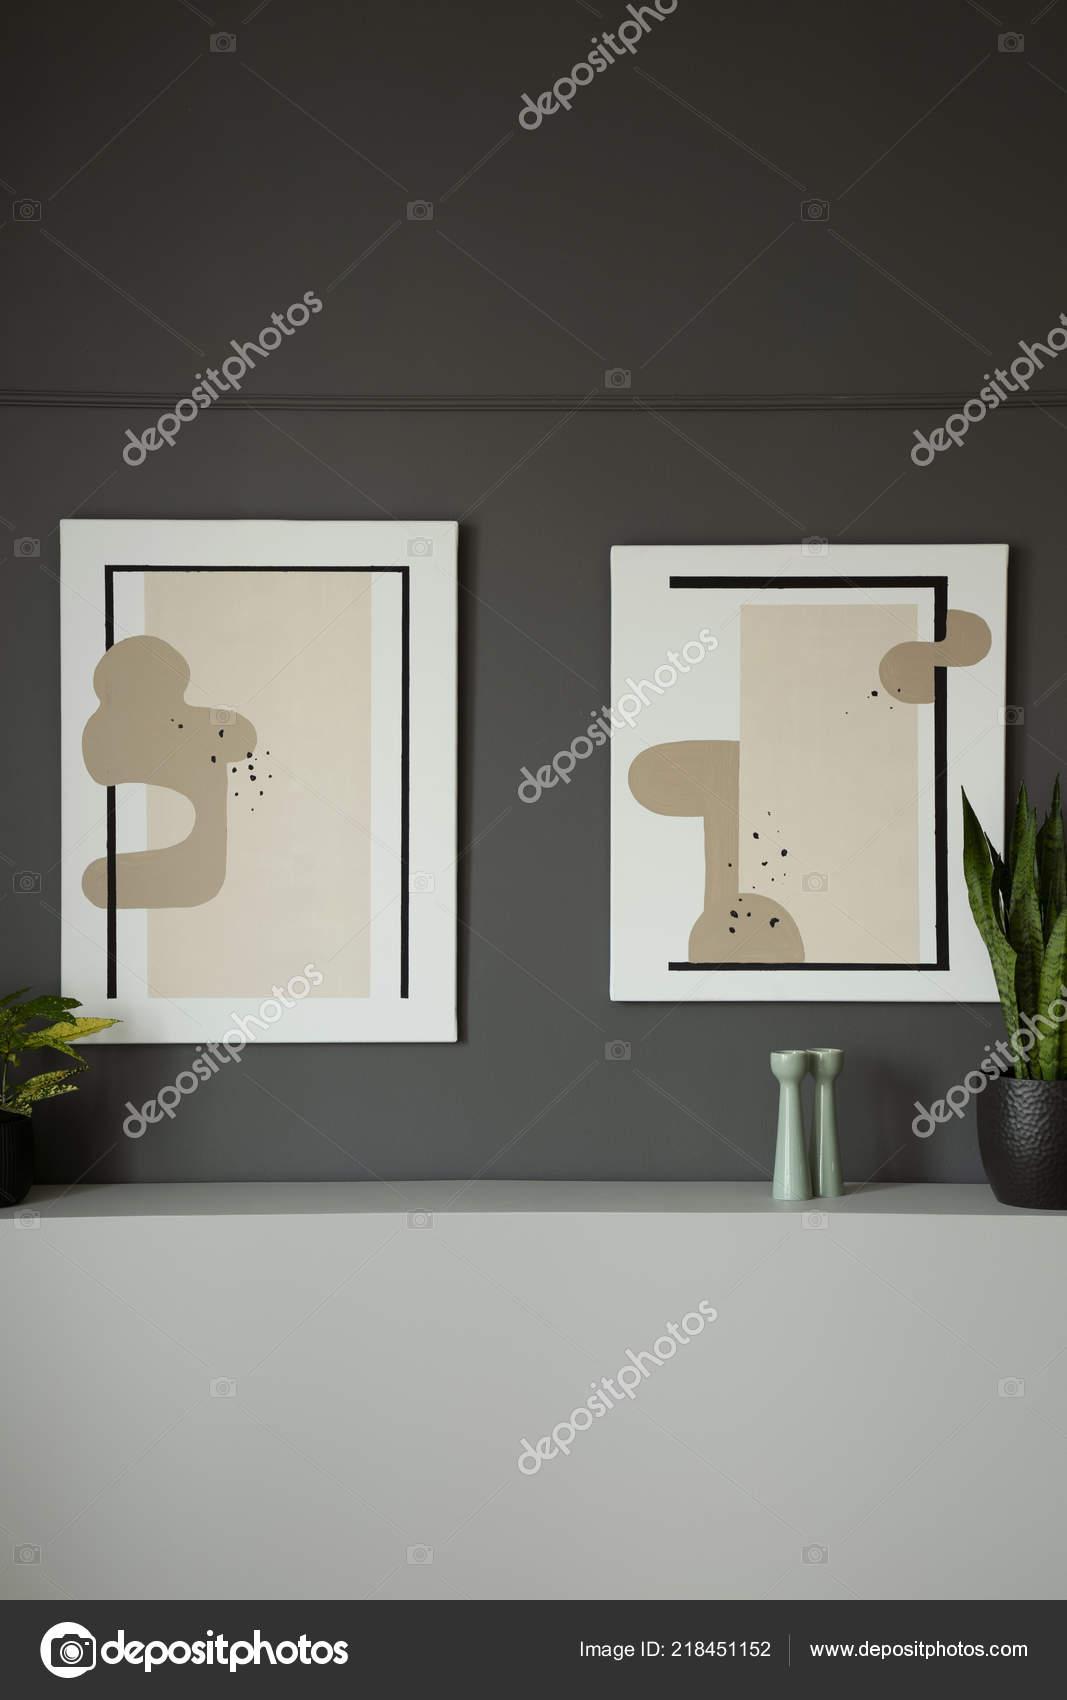 Muur Plank Voor Schilderijen.Moderne Schilderijen Grijze Muur Boven Een Plank Met Planten Een